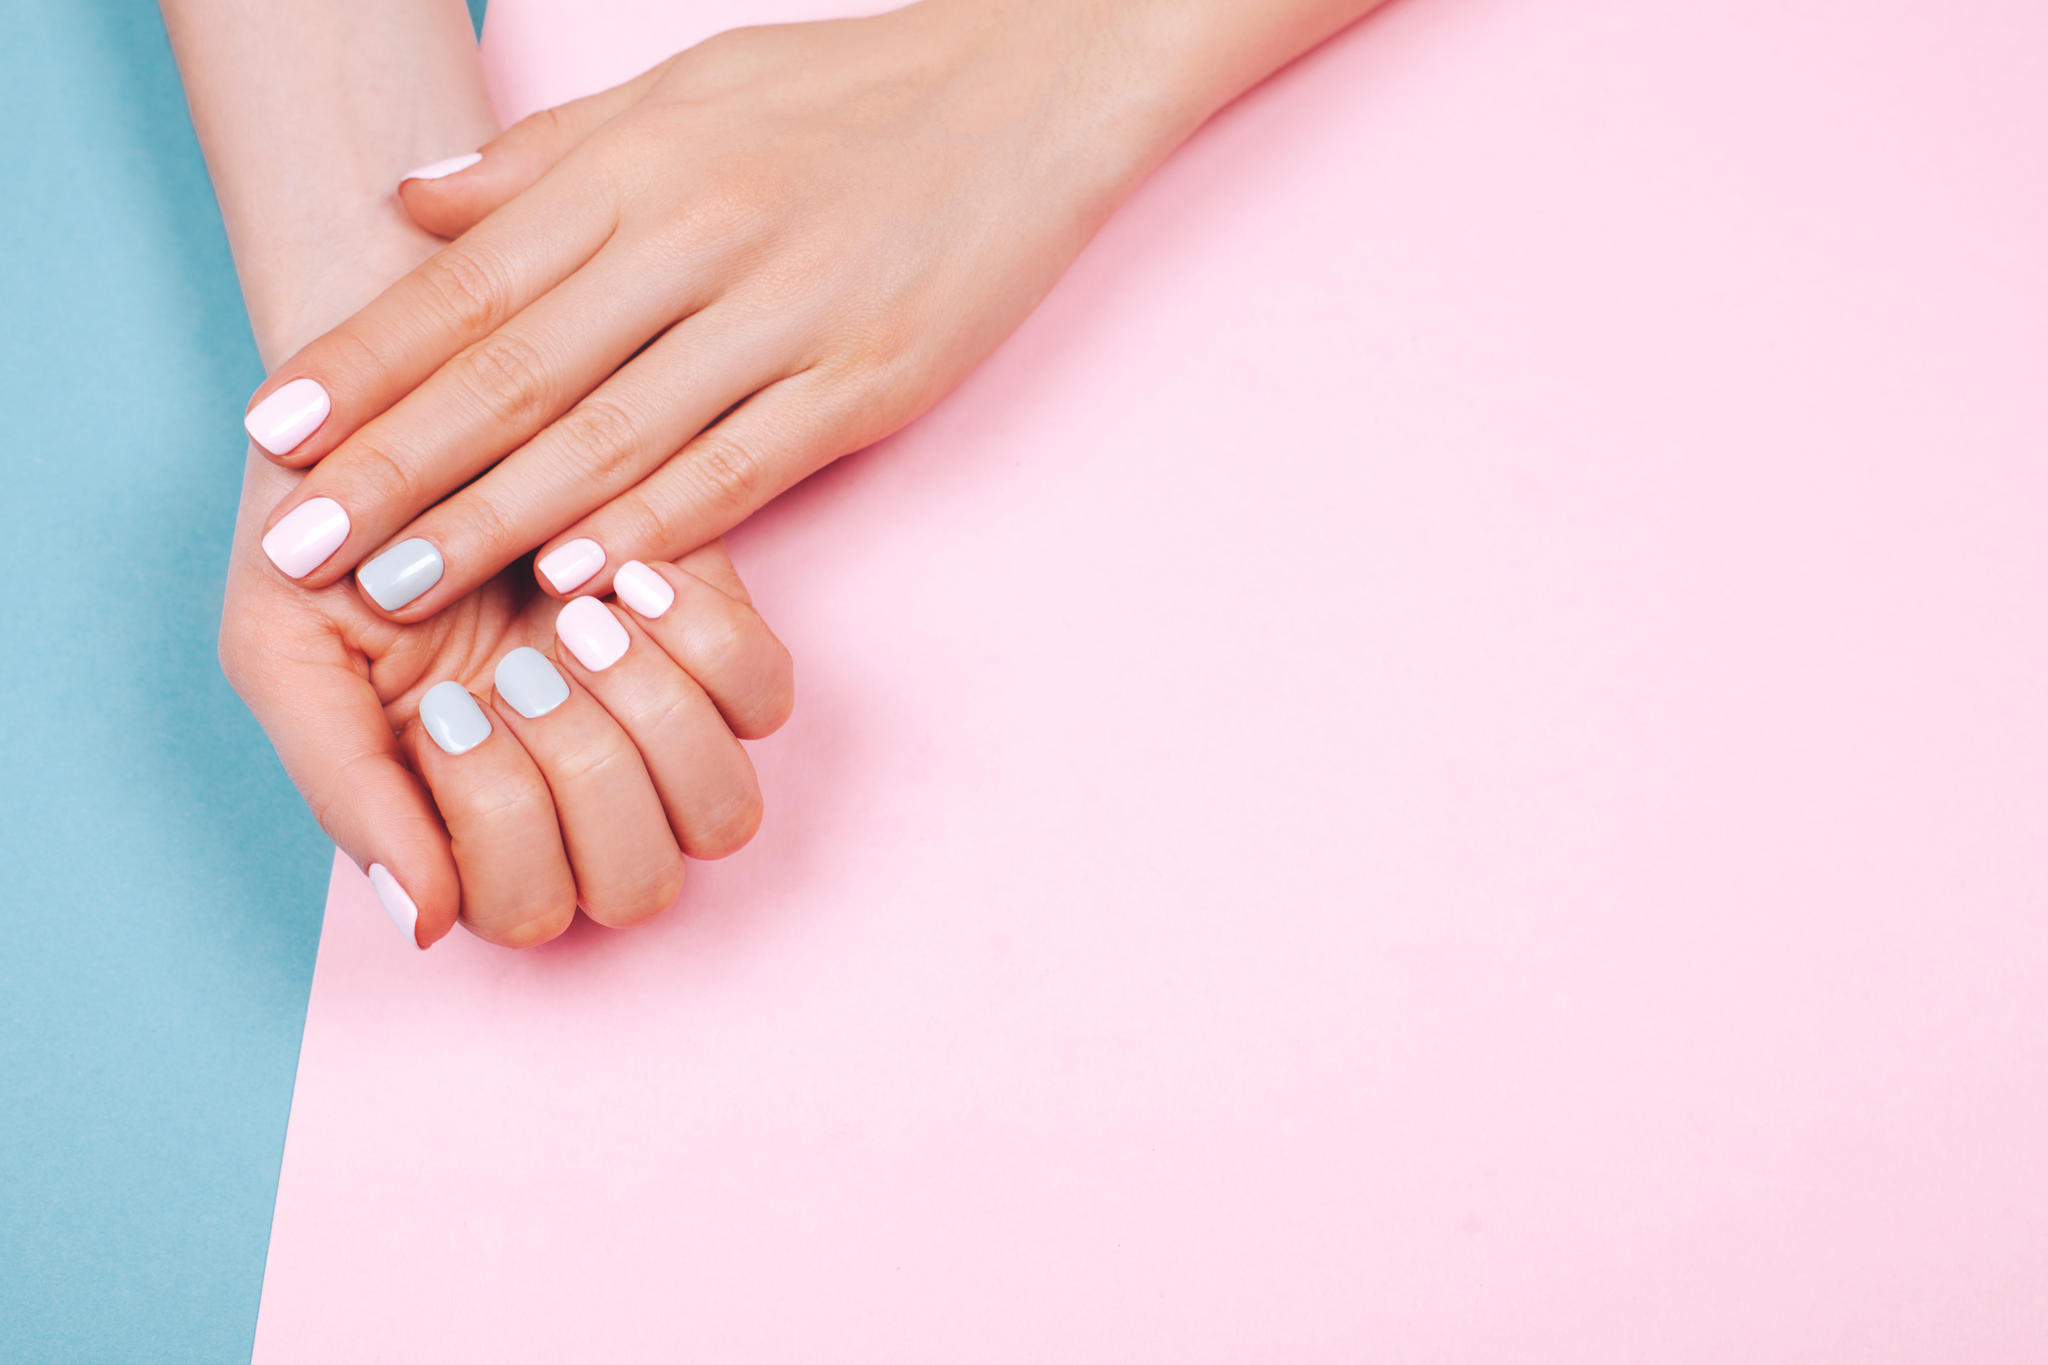 Nagellack Aufpimpen Diese 10 Mini Ideen Fur Unsere Nagel Sind